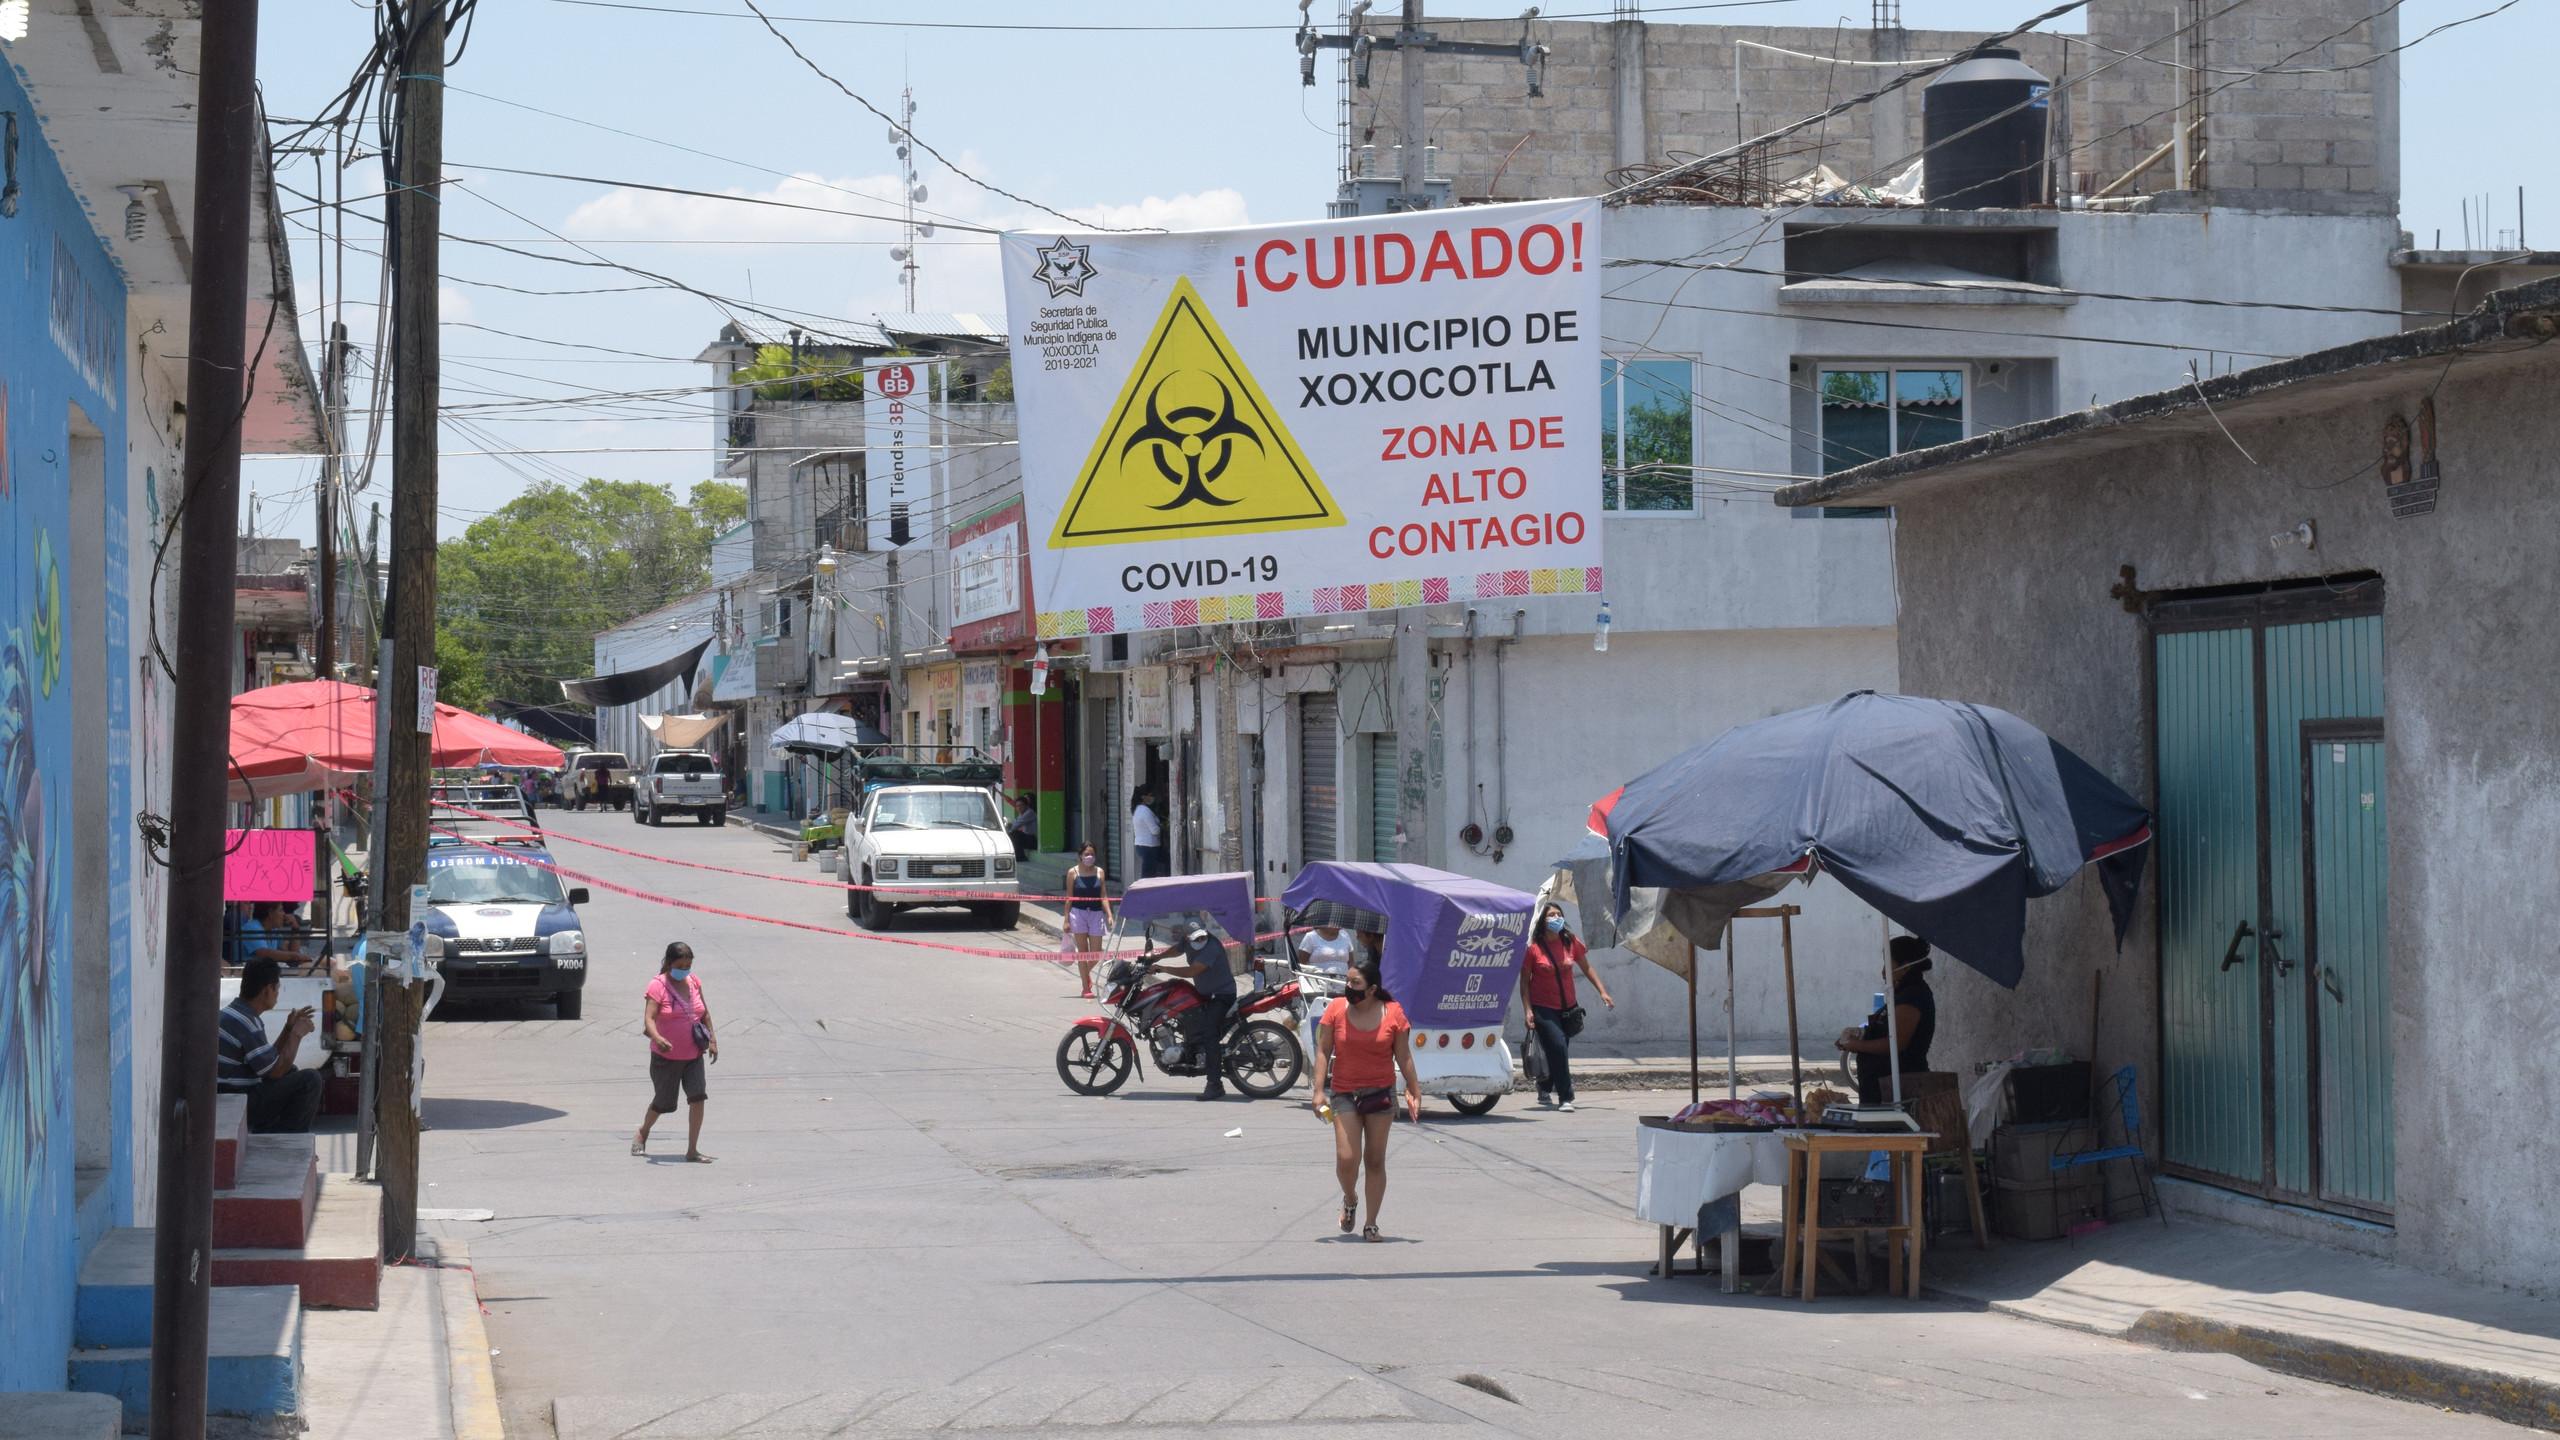 Calle de Xoxocotla